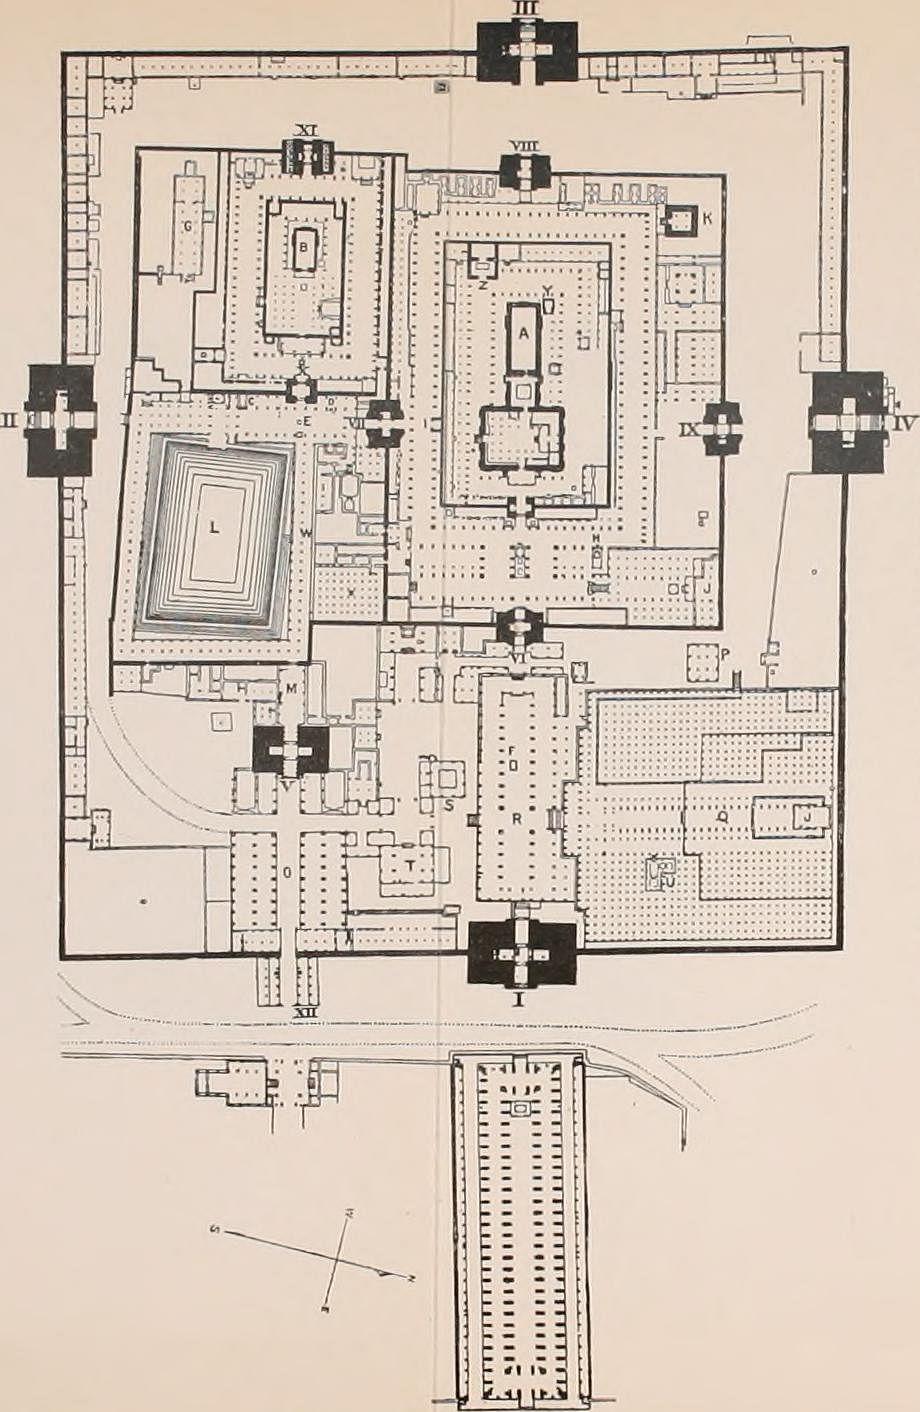 மதுரை மீனாட்சி அம்மன் கோவிலின் வரைபடம்